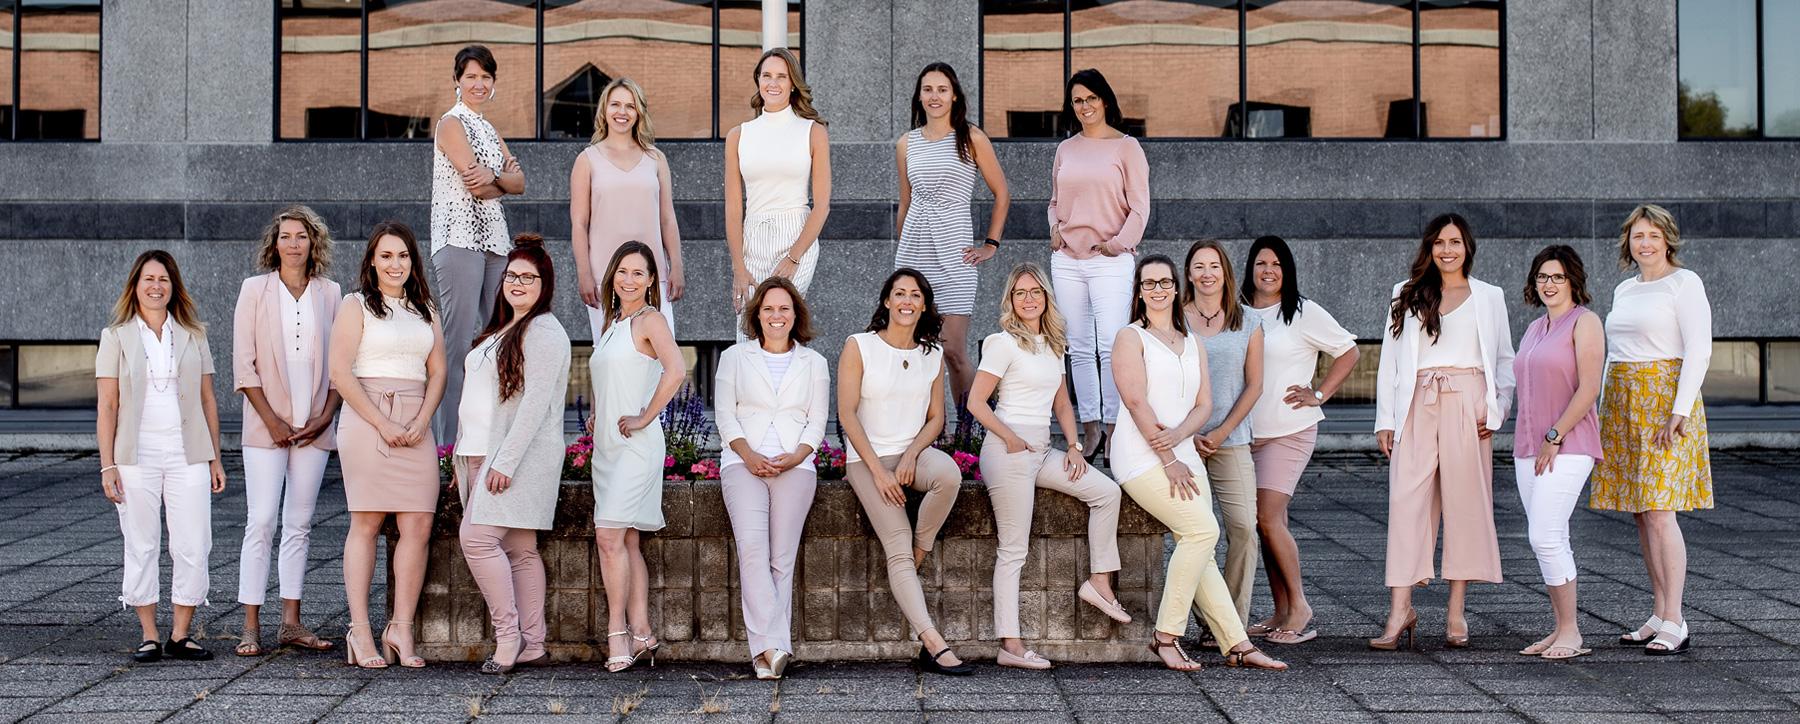 Équipe de la clinique Cigonia - physiothérapeutes en rééducation périnéale, physiothérapeutes en pédiatrie, ostéopathes, massothérapeutes, sexologue et de nutritionnistes